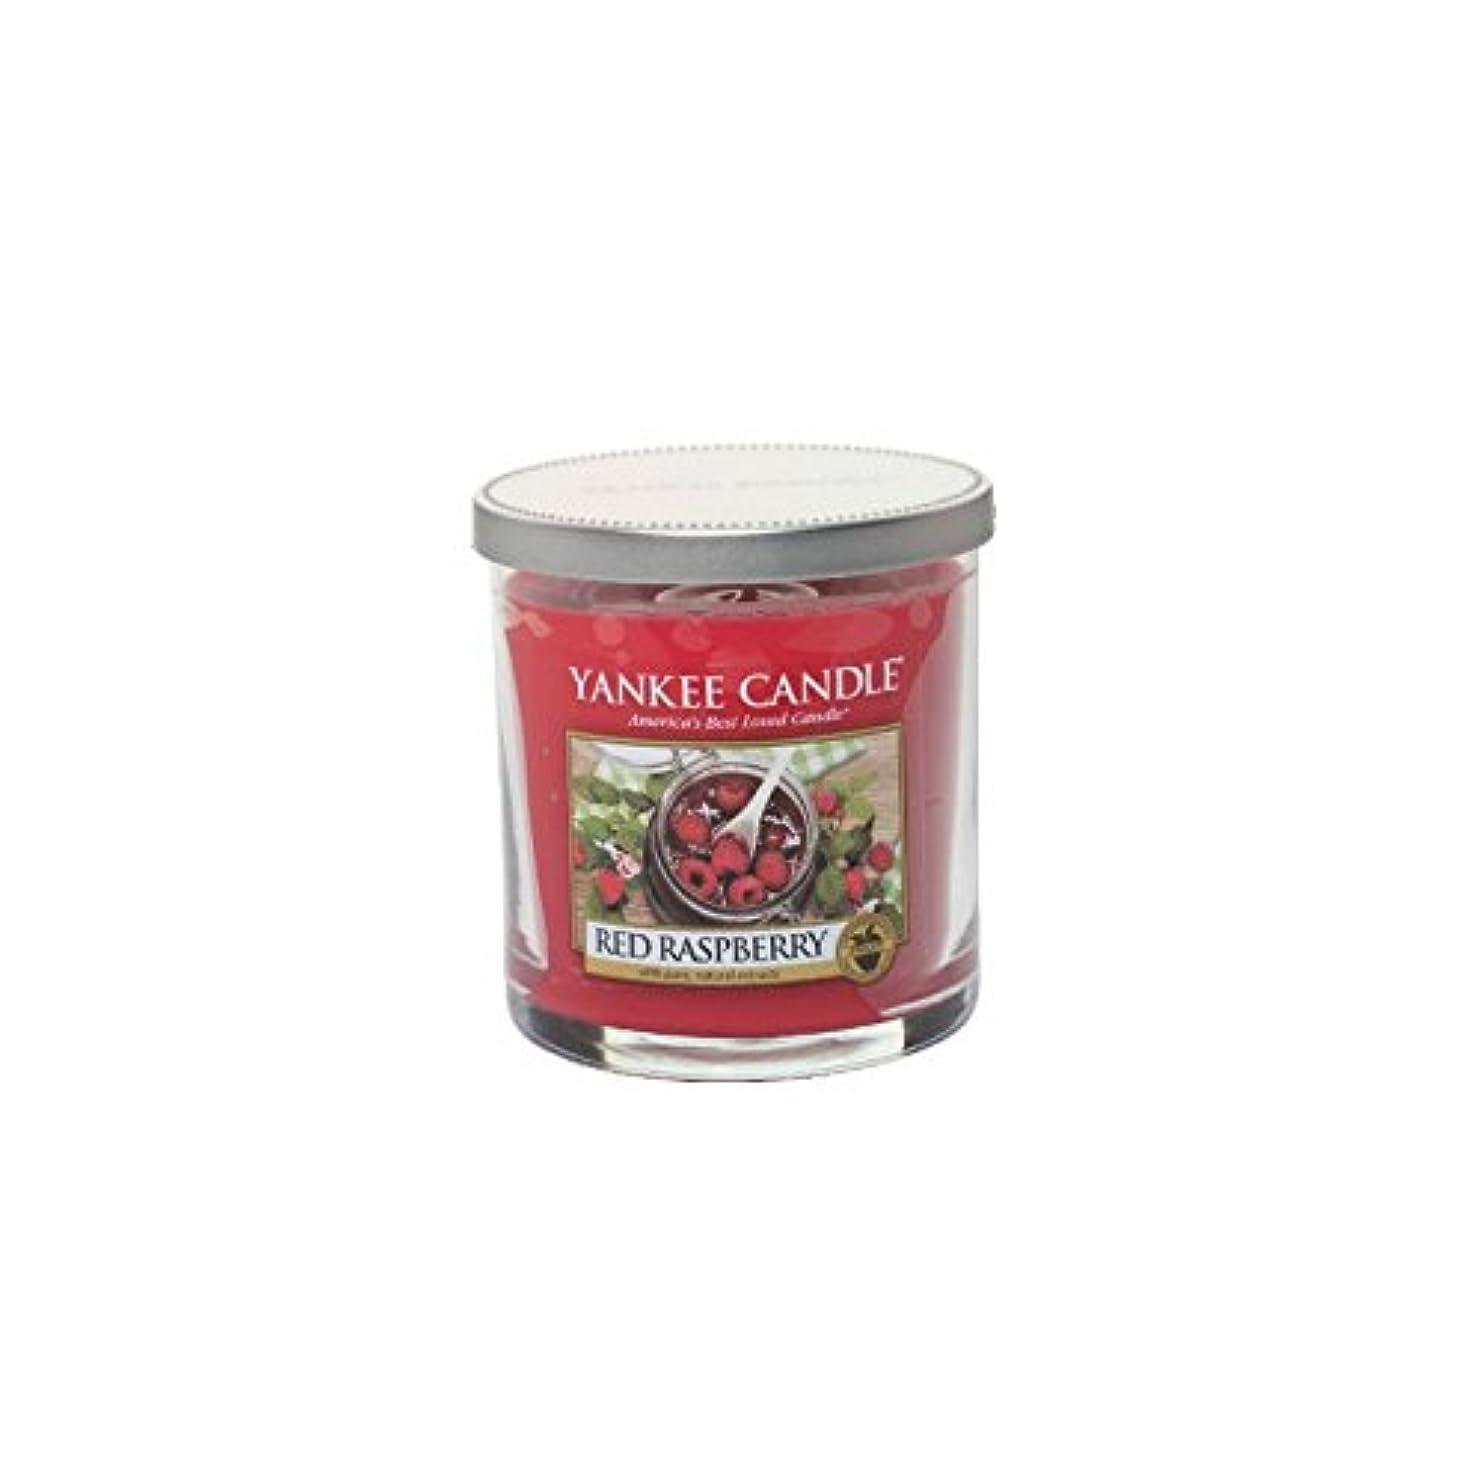 アンデス山脈バーレジデンスYankee Candles Small Pillar Candle - Red Raspberry (Pack of 6) - ヤンキーキャンドルの小さな柱キャンドル - レッドラズベリー (x6) [並行輸入品]